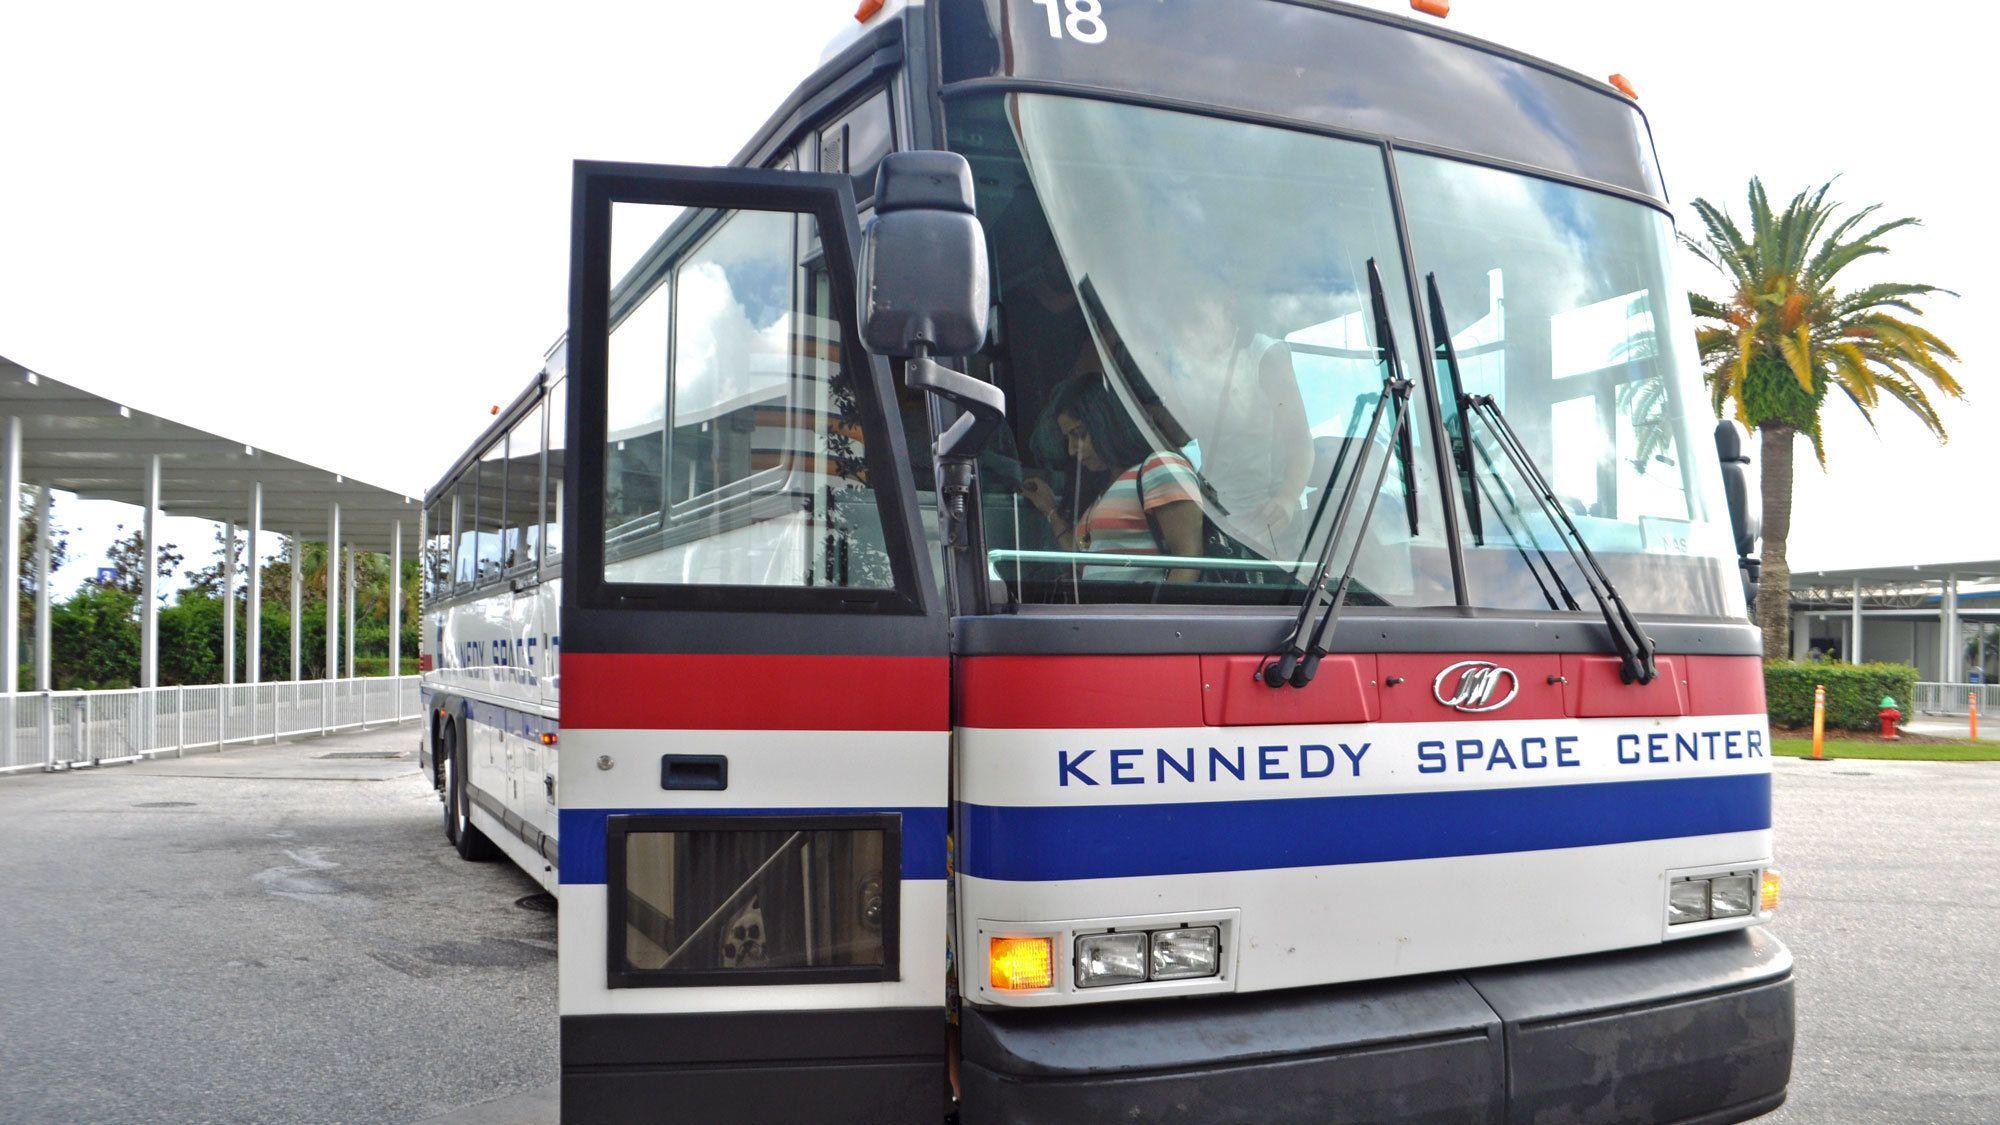 space center bus with door open in Miami